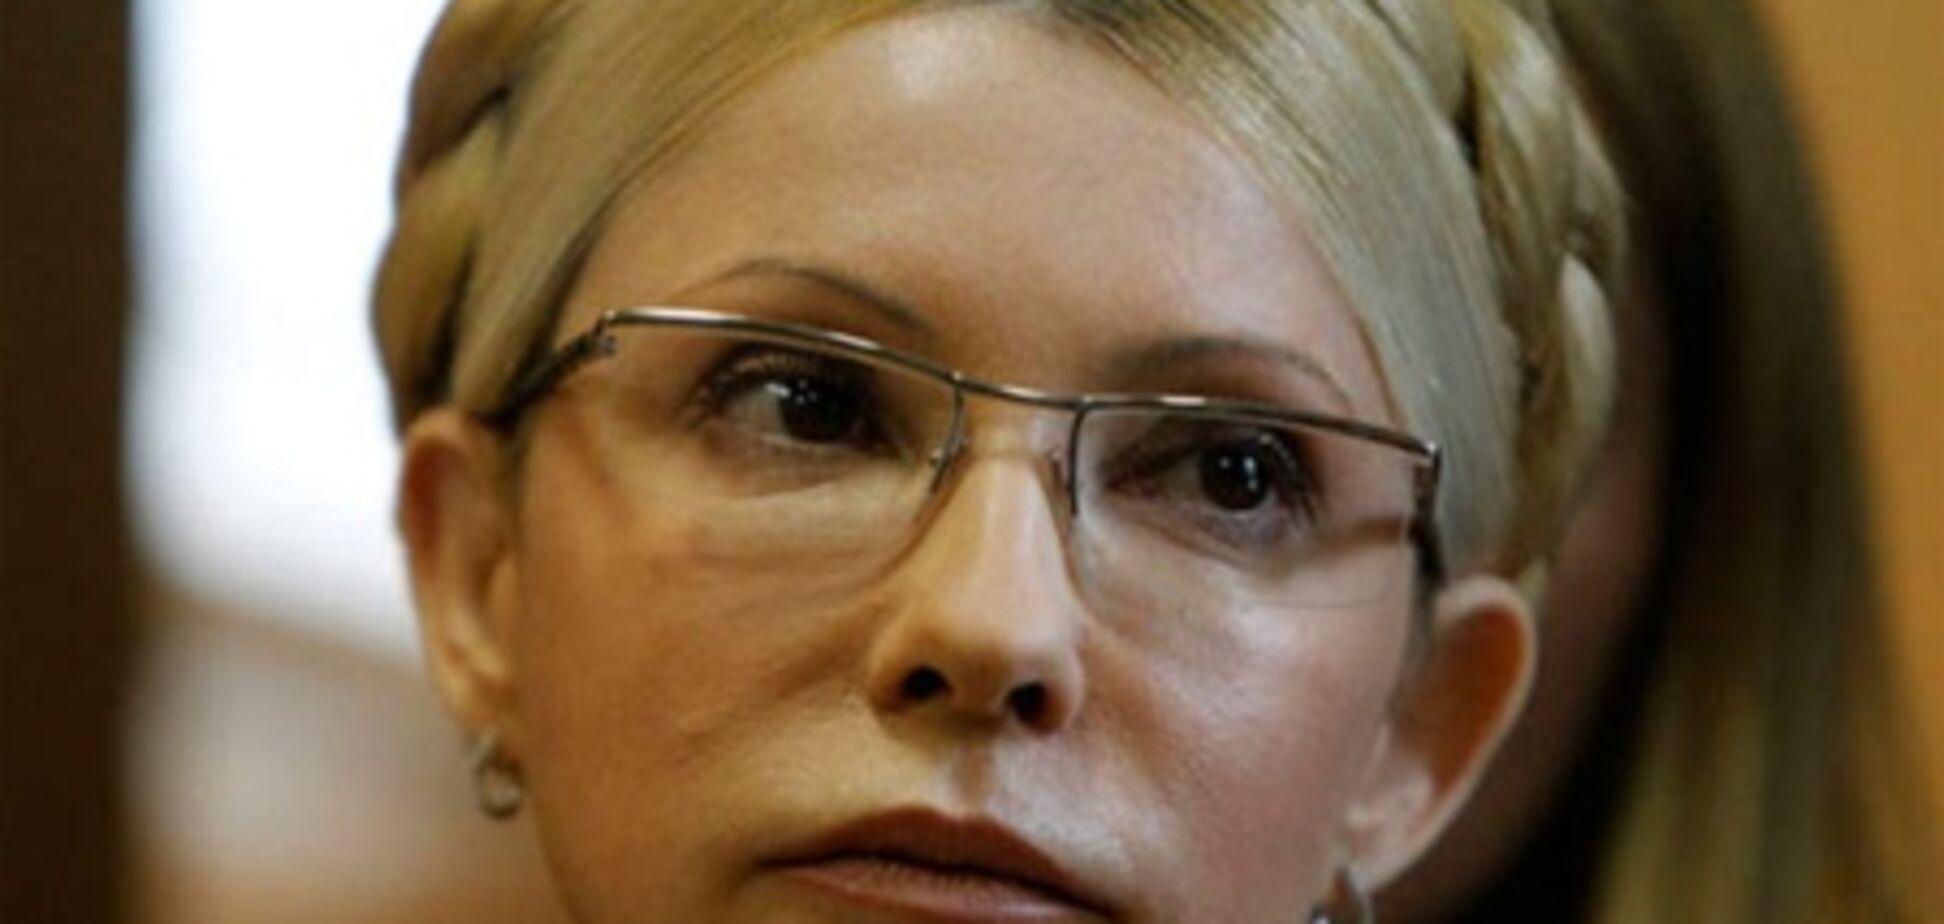 В ГПтСУ говорят, что никуда Тимошенко не выписывали